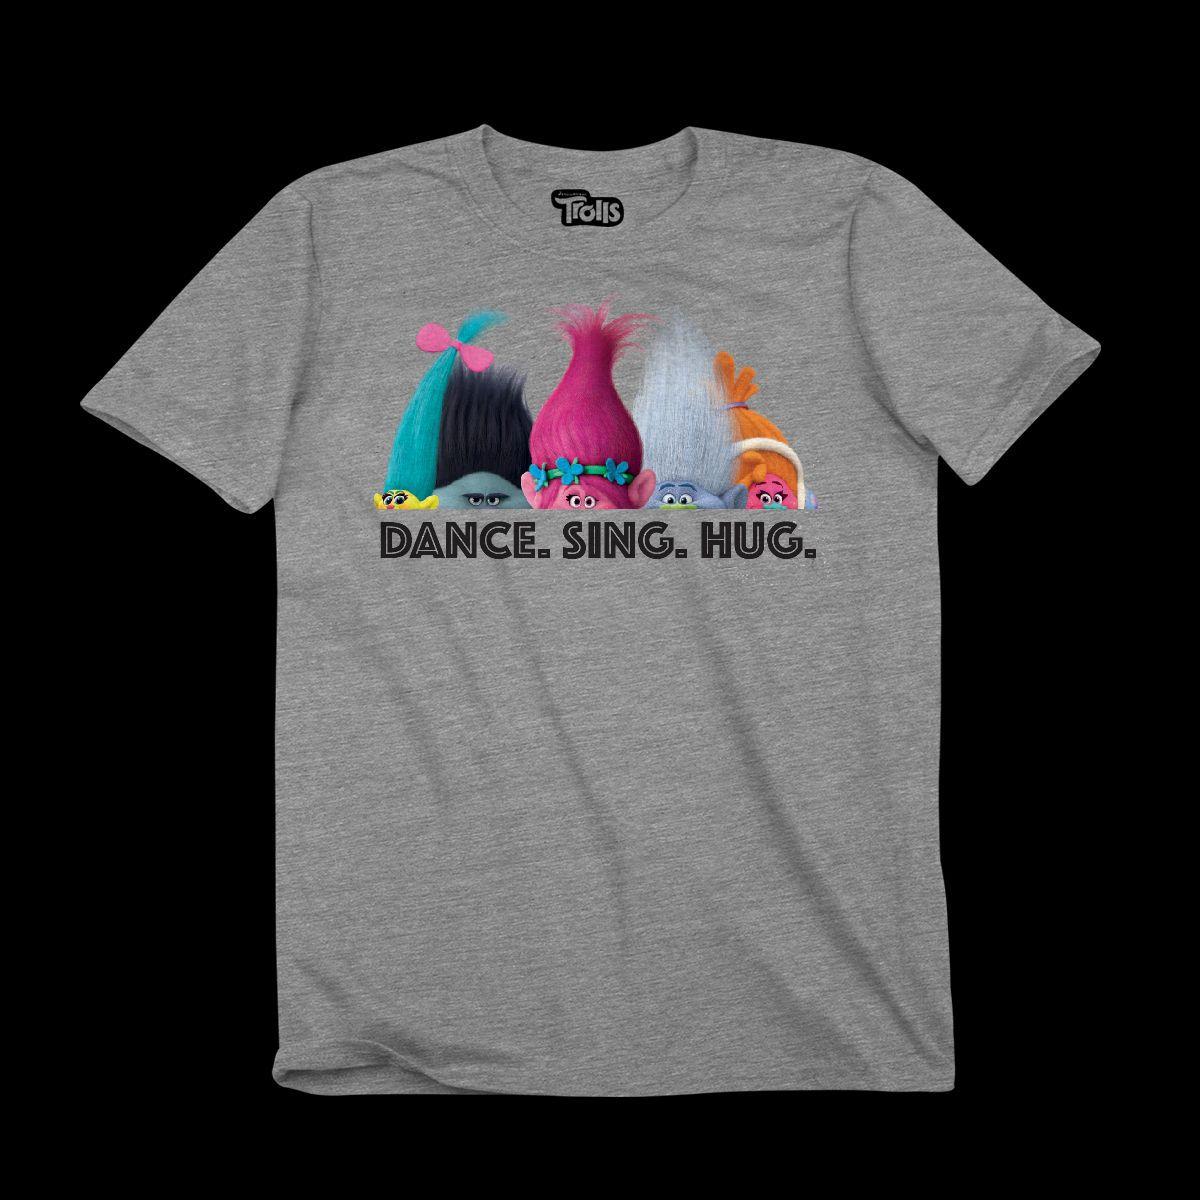 trolls dance sing hug youth t